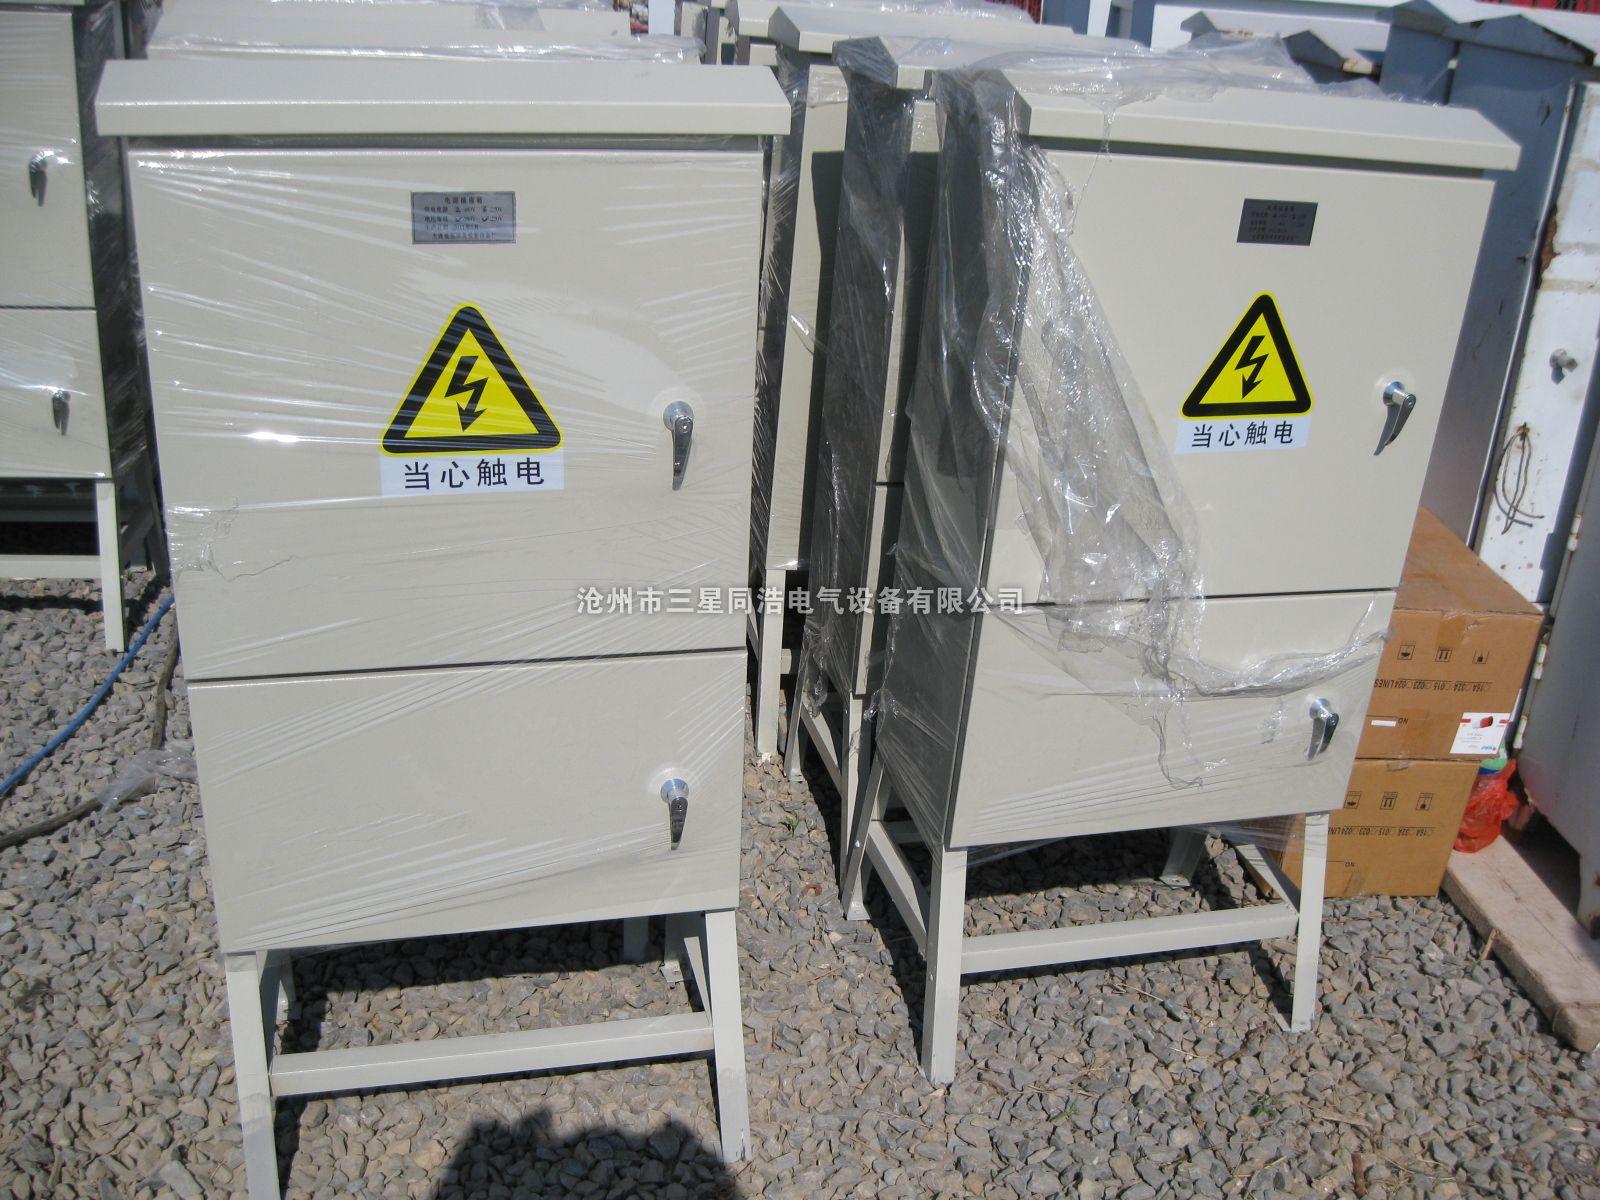 一级电源箱做为施工工地的总电源箱,设总隔离开关,总漏电开关,分支